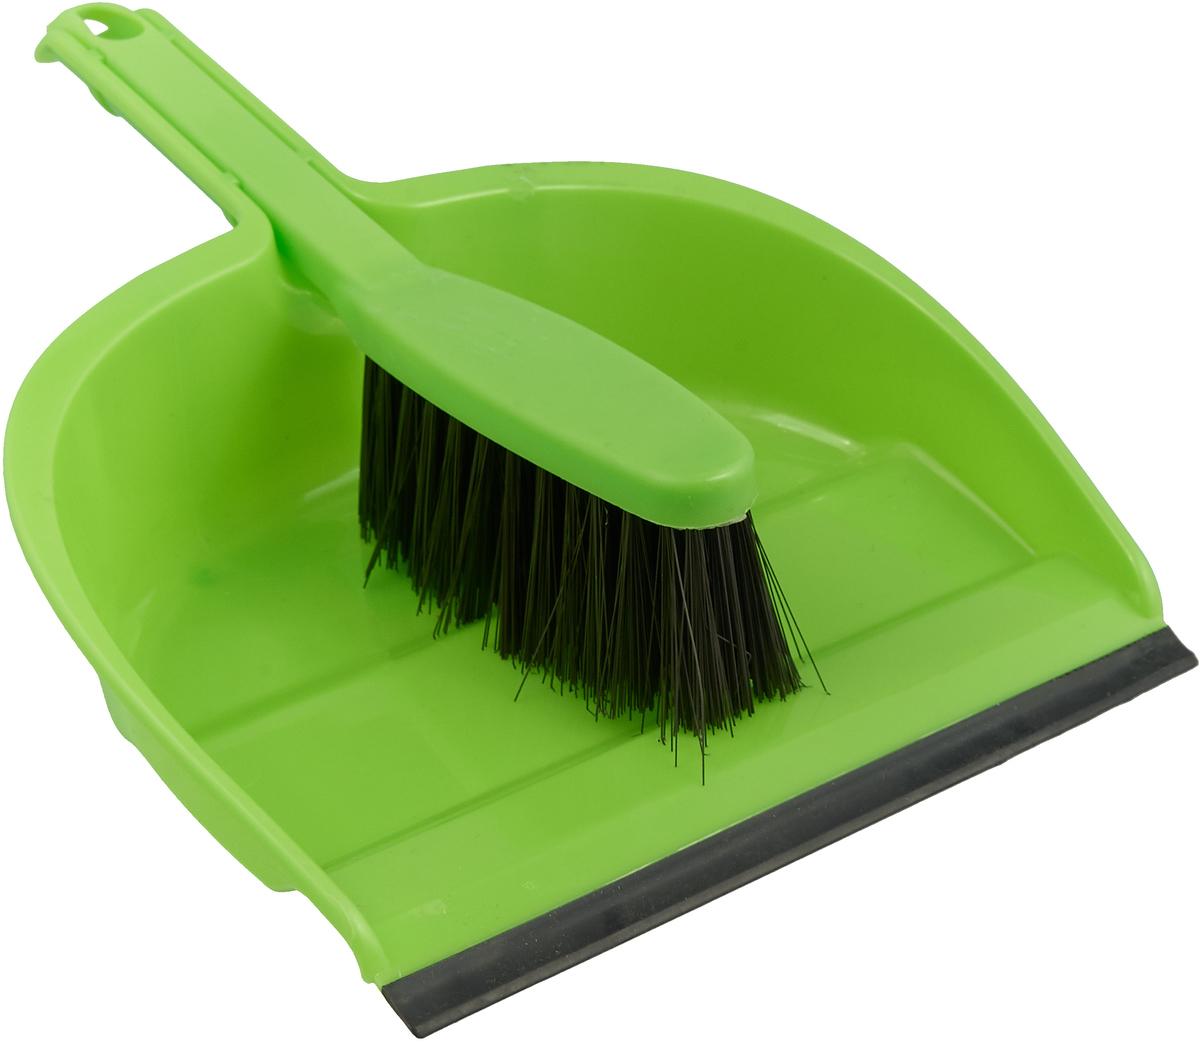 Набор для уборки Коллекция, цвет: салатовый, 2 предмета. ATP-45